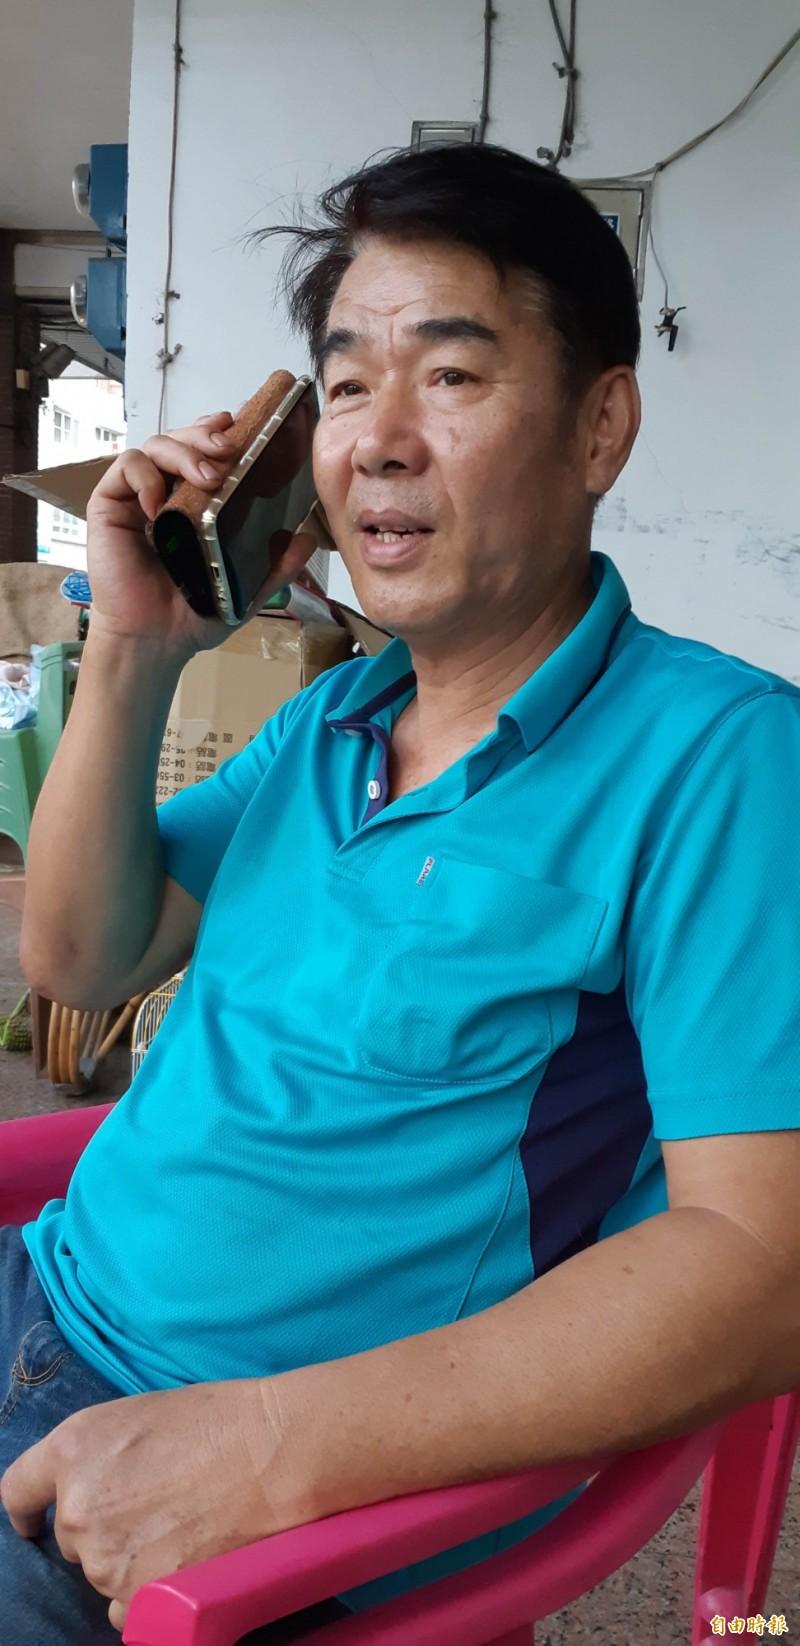 台東地檢署偵辦2線2星警官李哲銘涉毒案,今以證人身分傳喚台東縣議員林參天(圖),釐清案情疑點。(資料照)